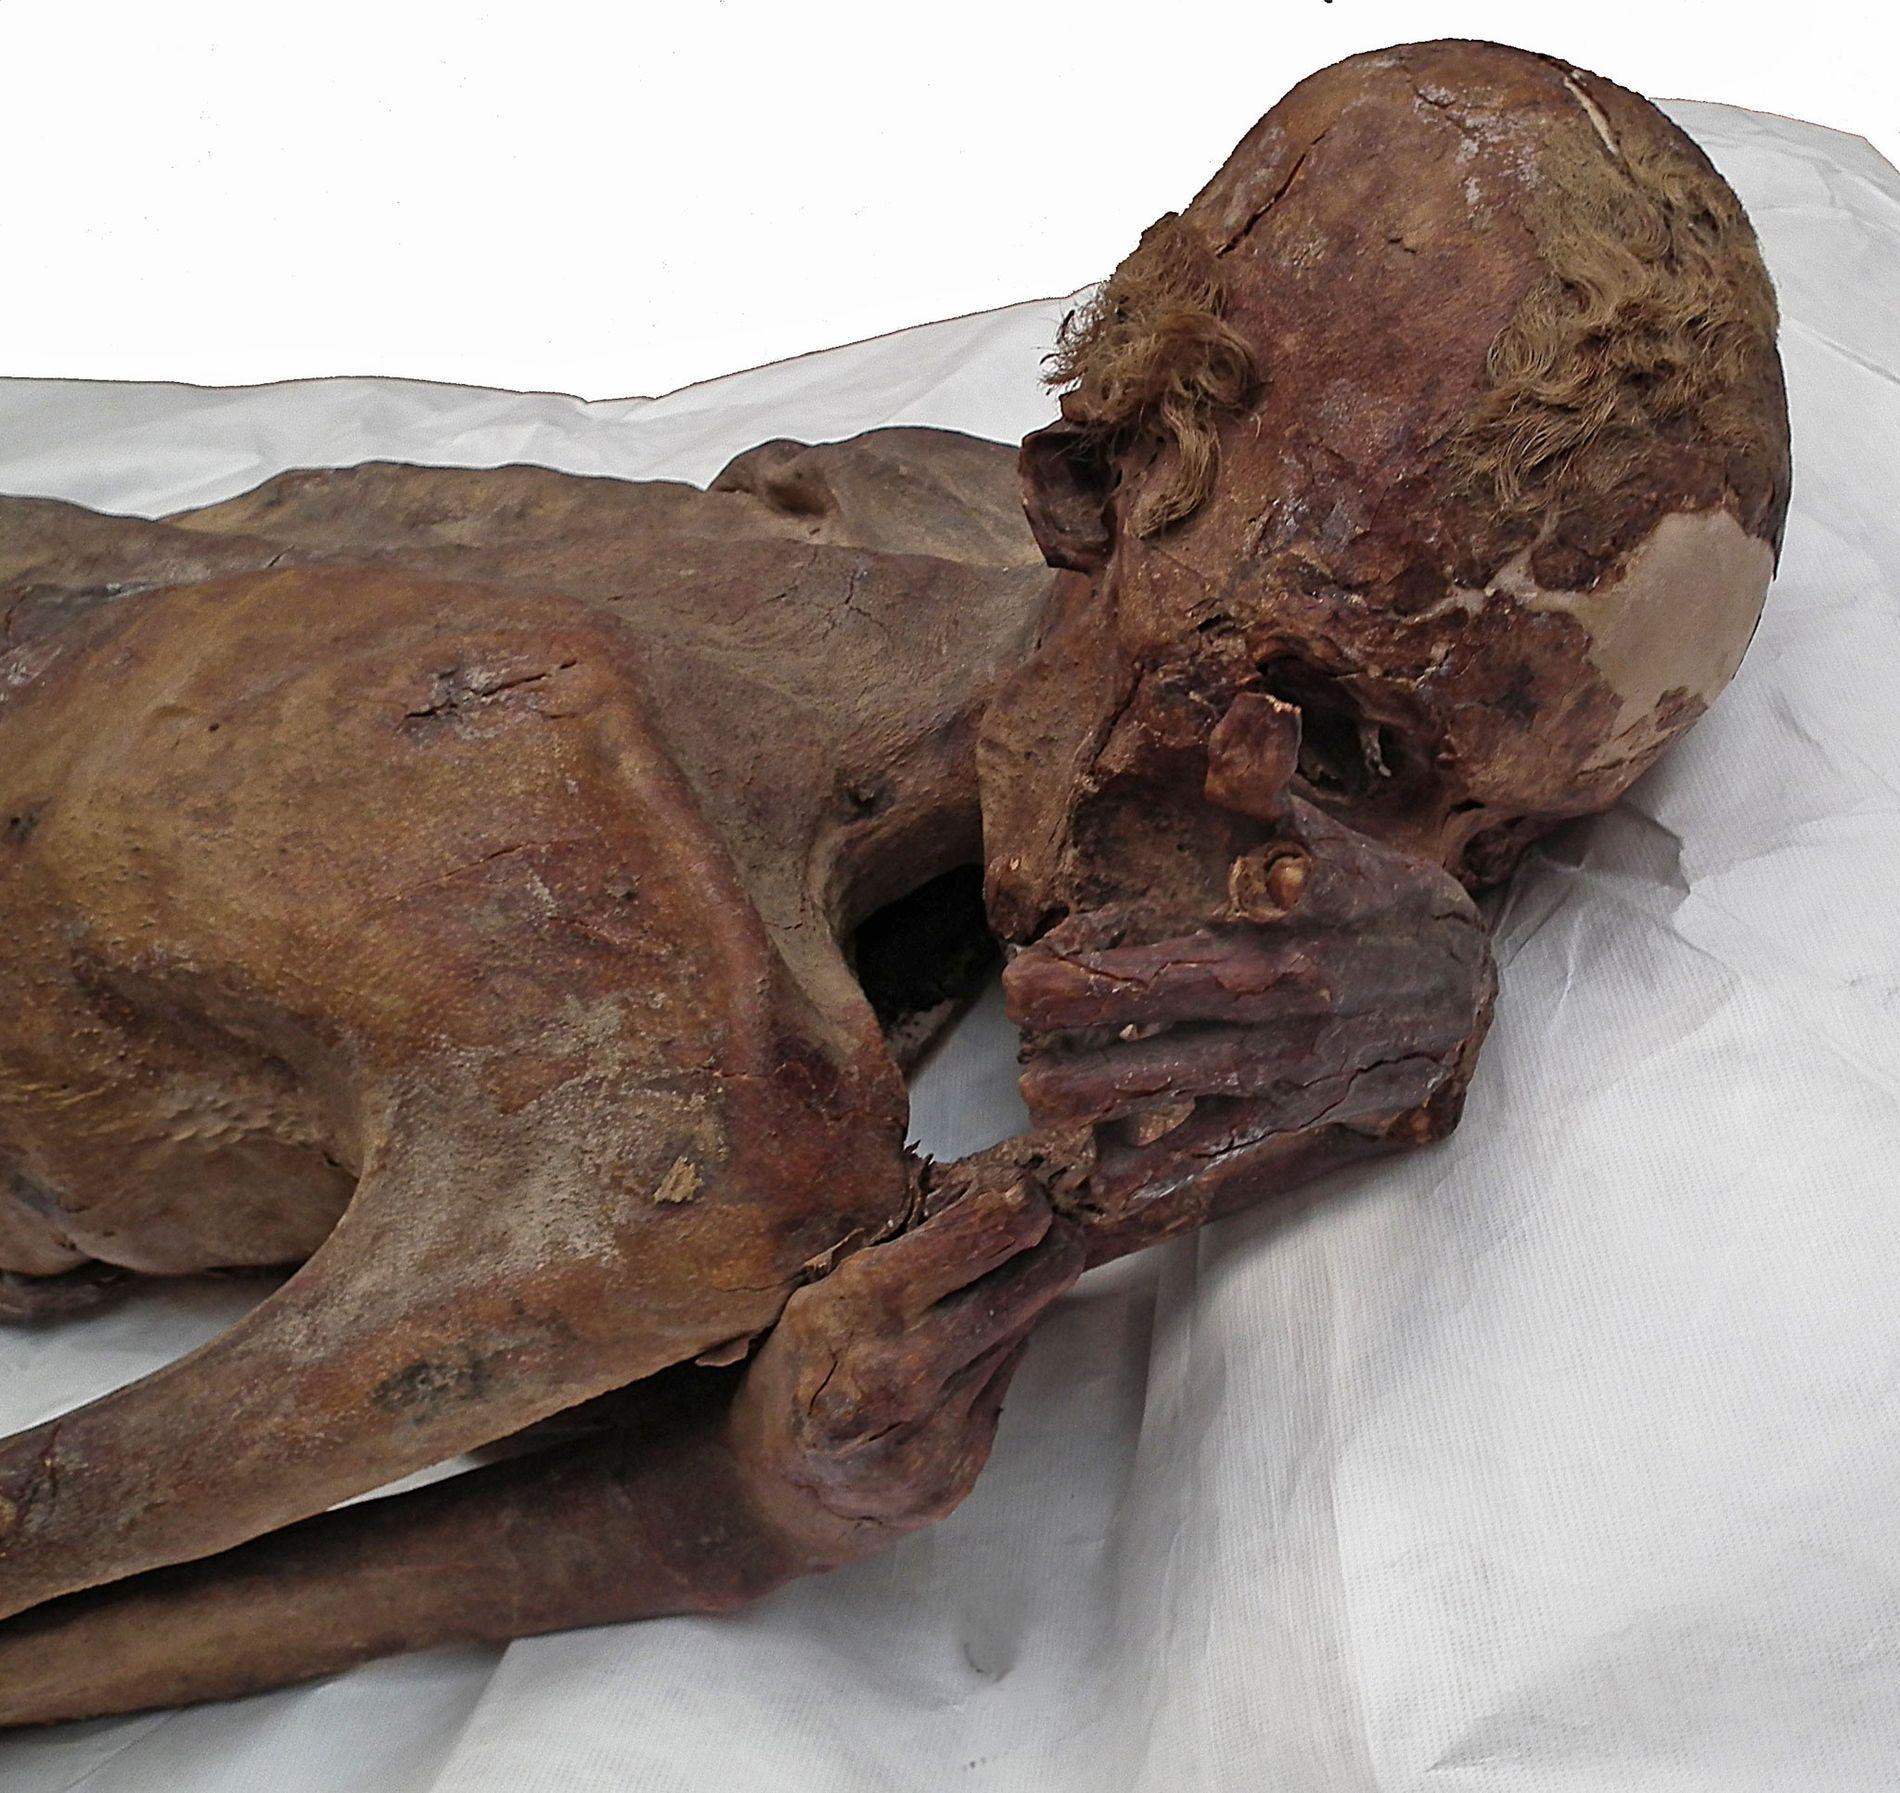 À la lumière naturelle, les détails sont moins proéminents. Lorsque la momie a été mise au jour en 1900, le tatouage a été pris pour une simple marque.